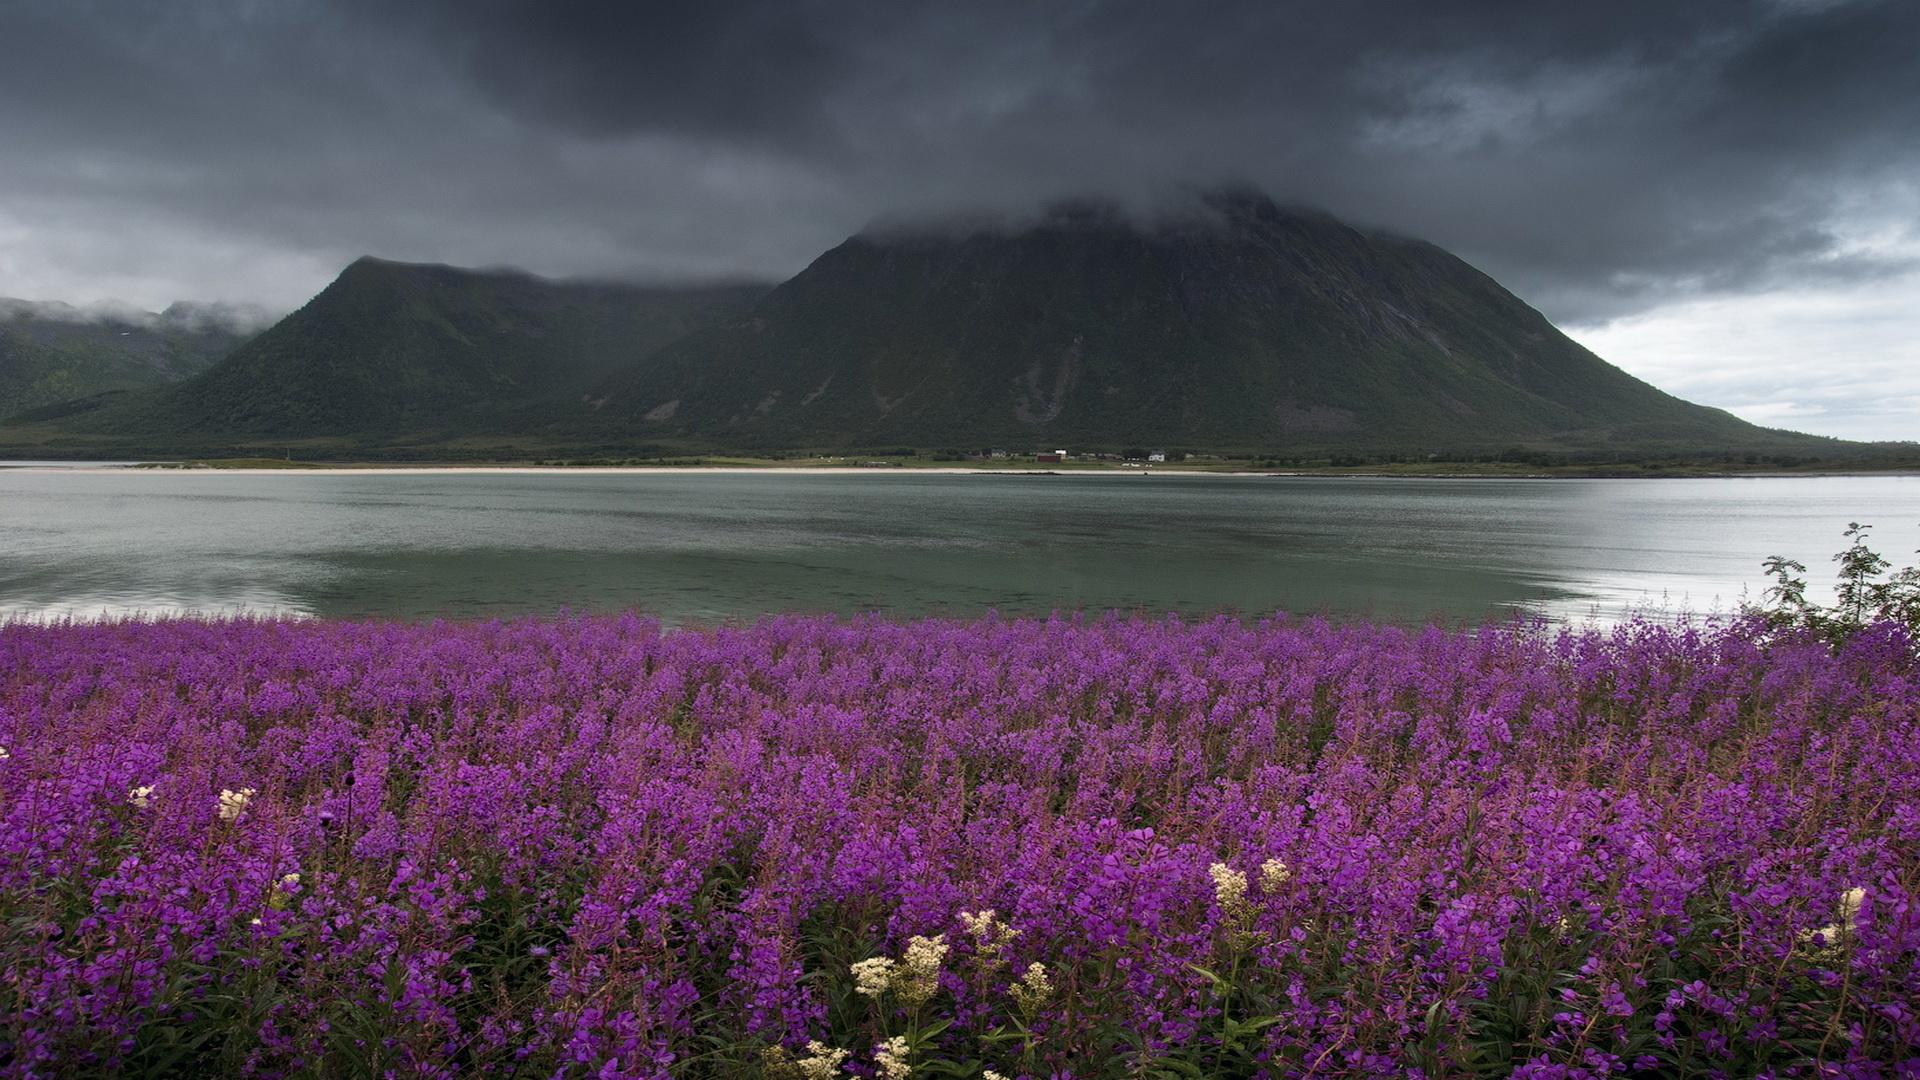 норвегия, горы, озеро, вода, цветы, небо, туман, суровость, флора,